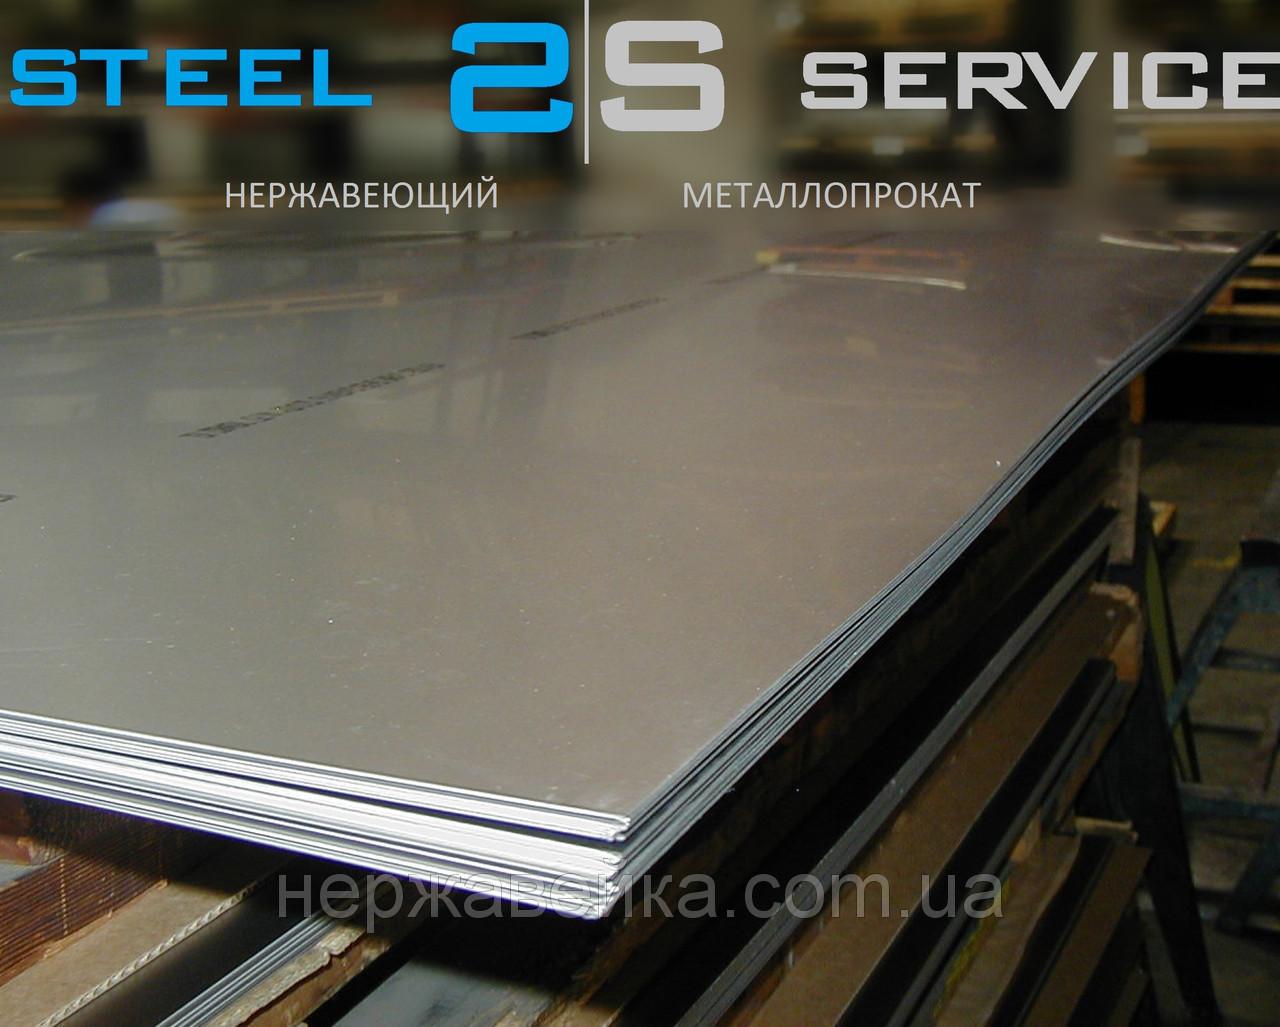 Нержавеющий лист 25х1500х3000мм  AISI 310(20Х23Н18) F1 - горячекатанный,  жаропрочный